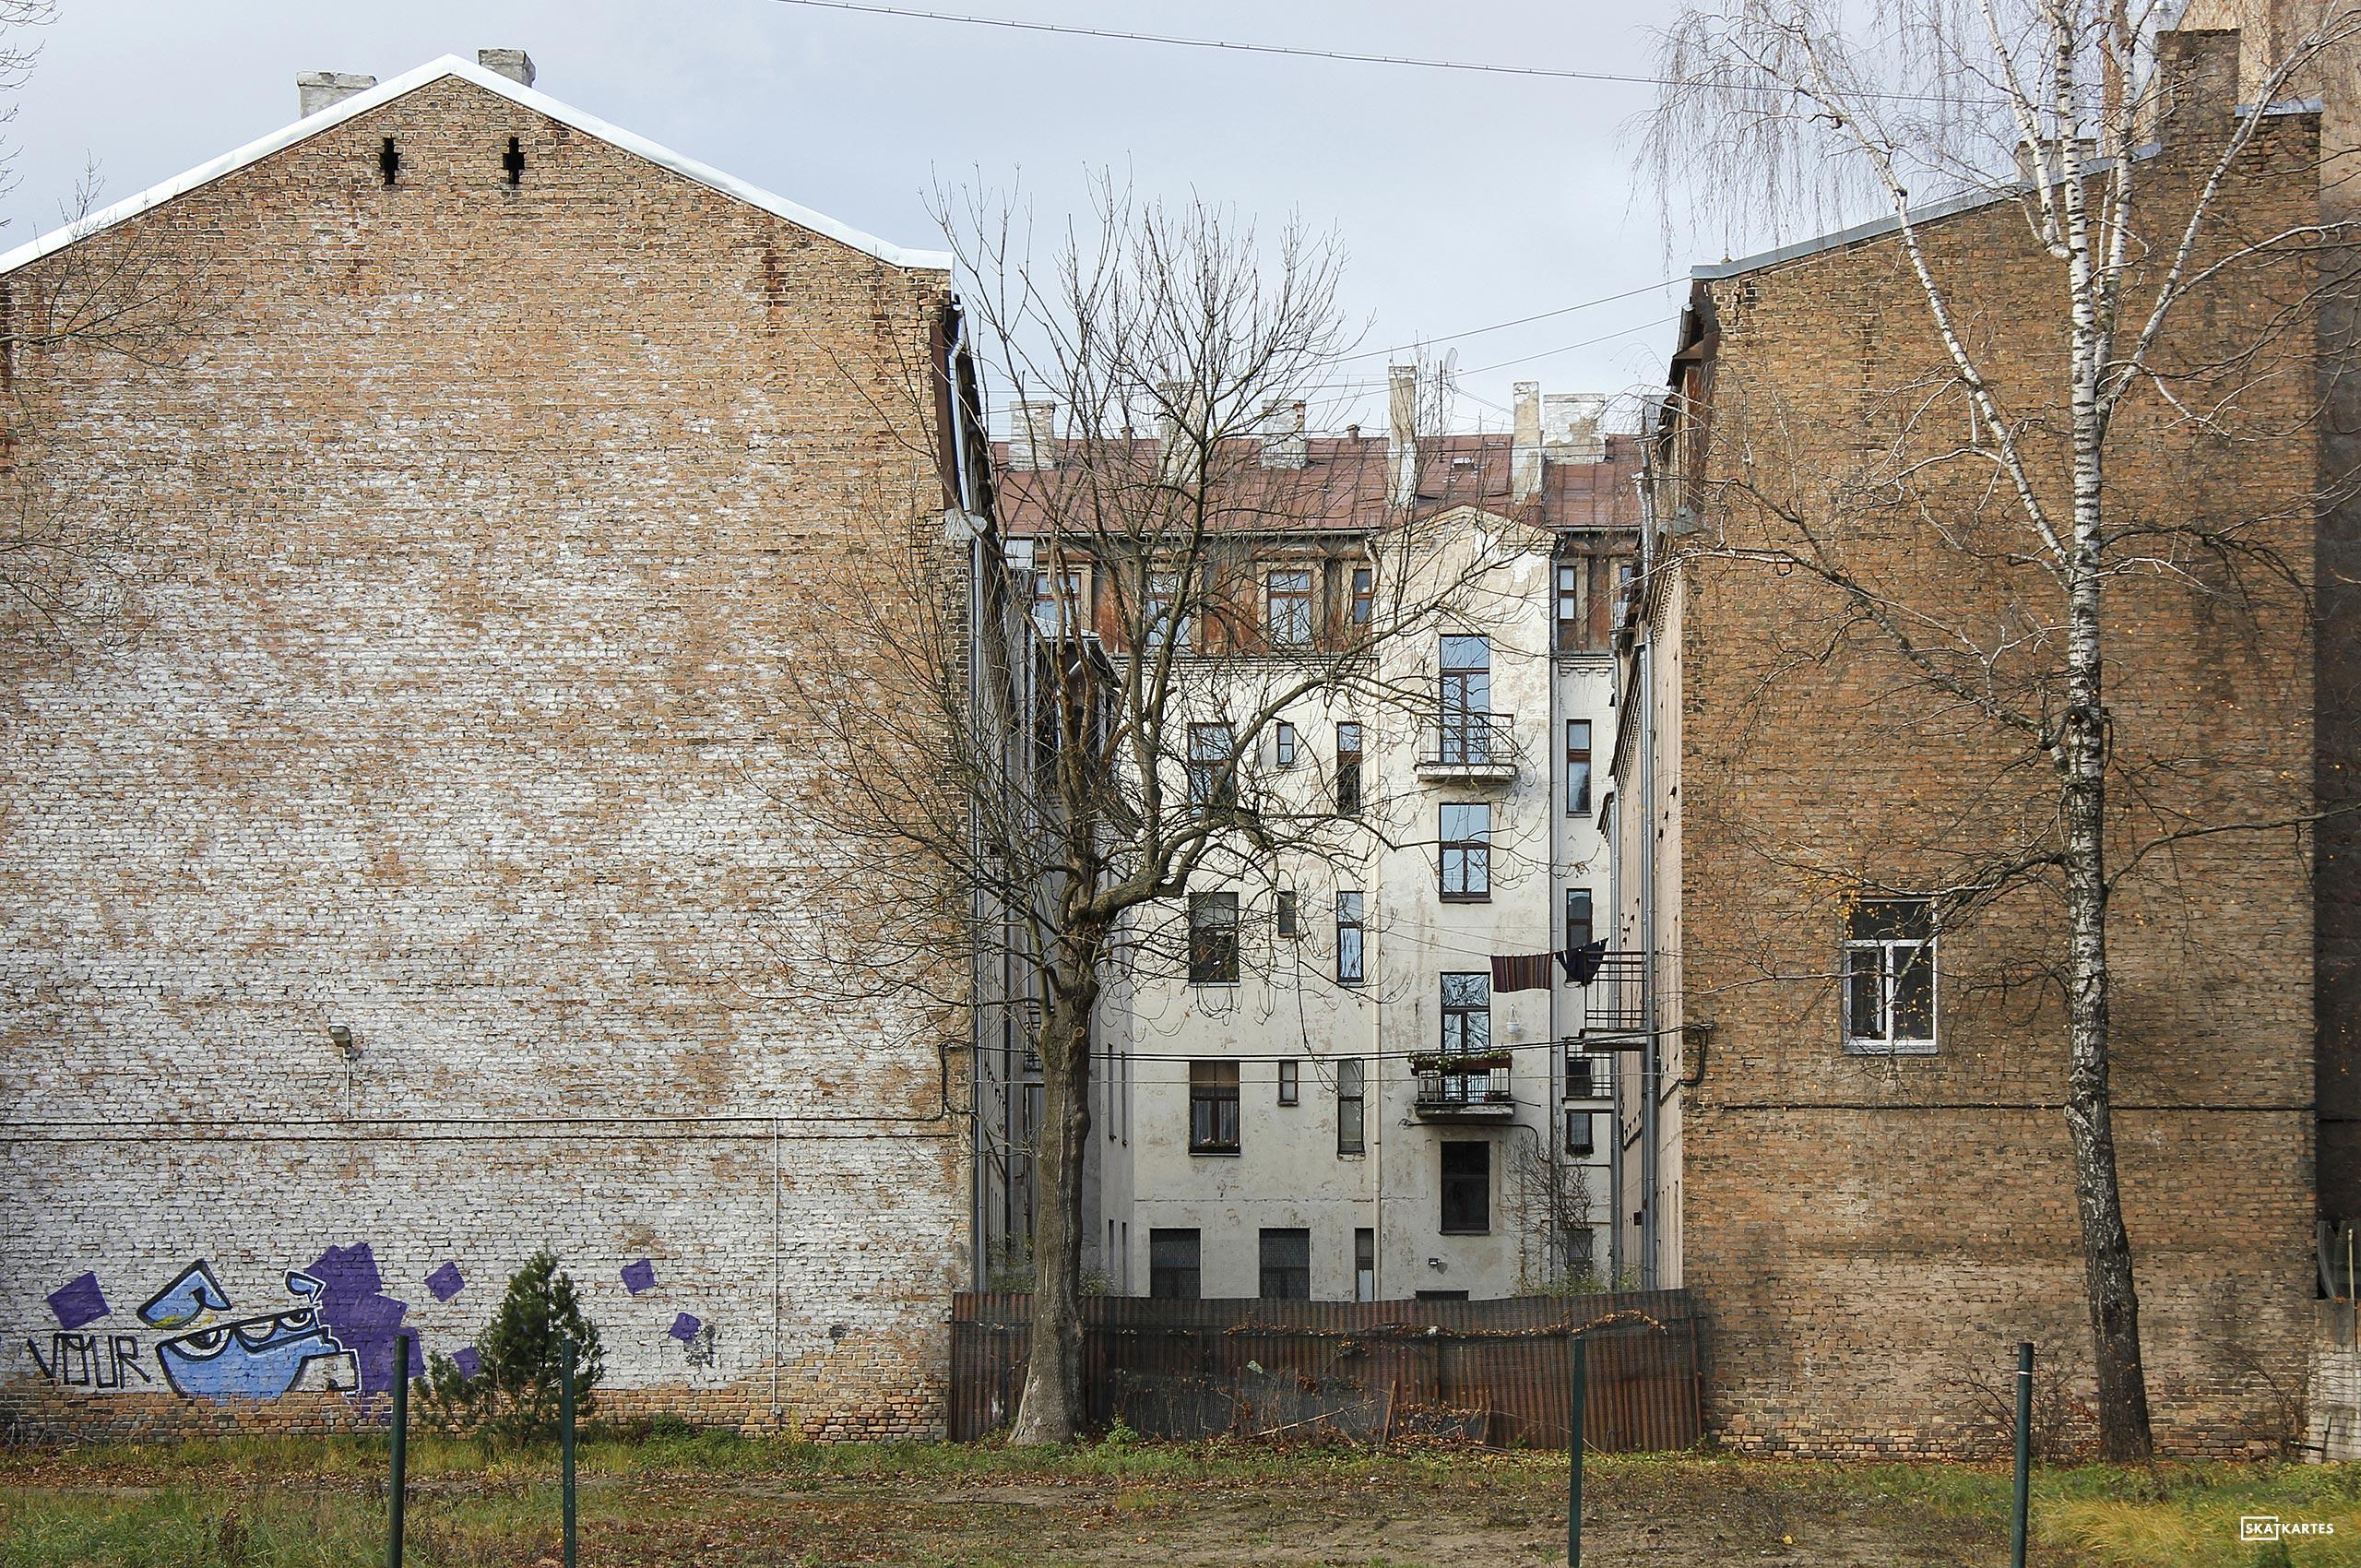 Skatkarte Nr. 1051-1 - Tērbatas iela, Rīga (2015. gada novembris).